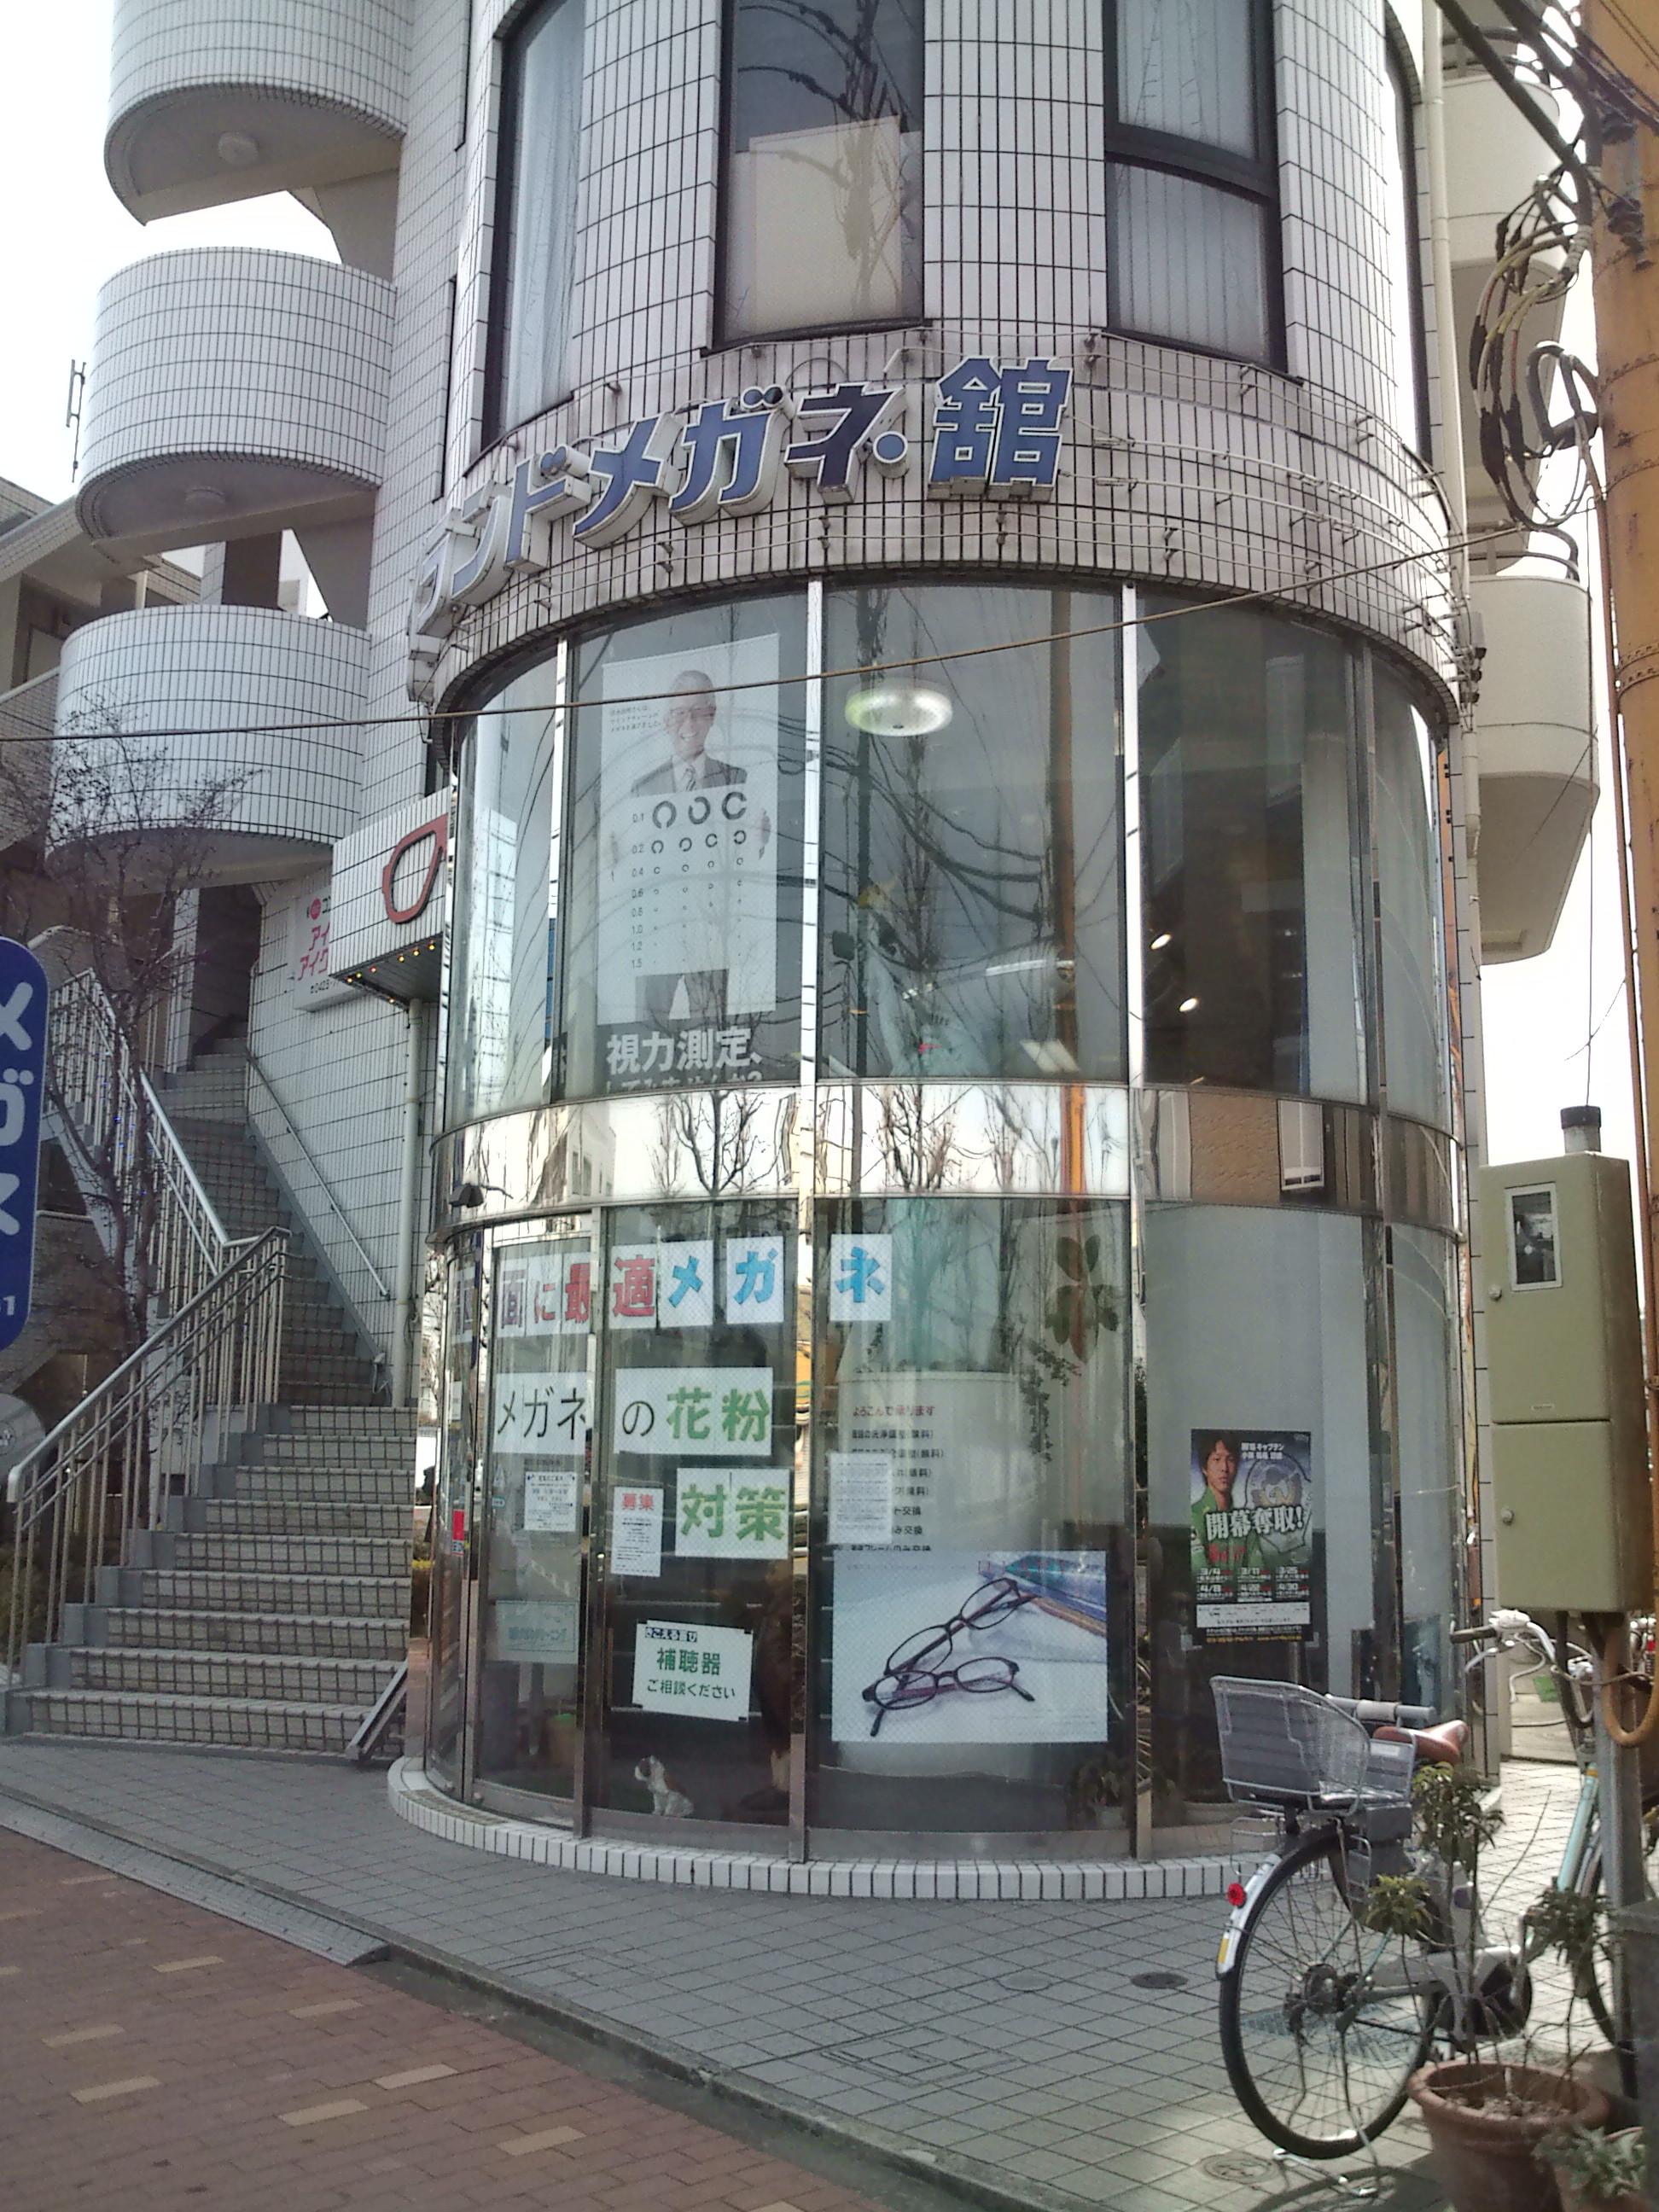 アイランドメガネ館(稲城市)